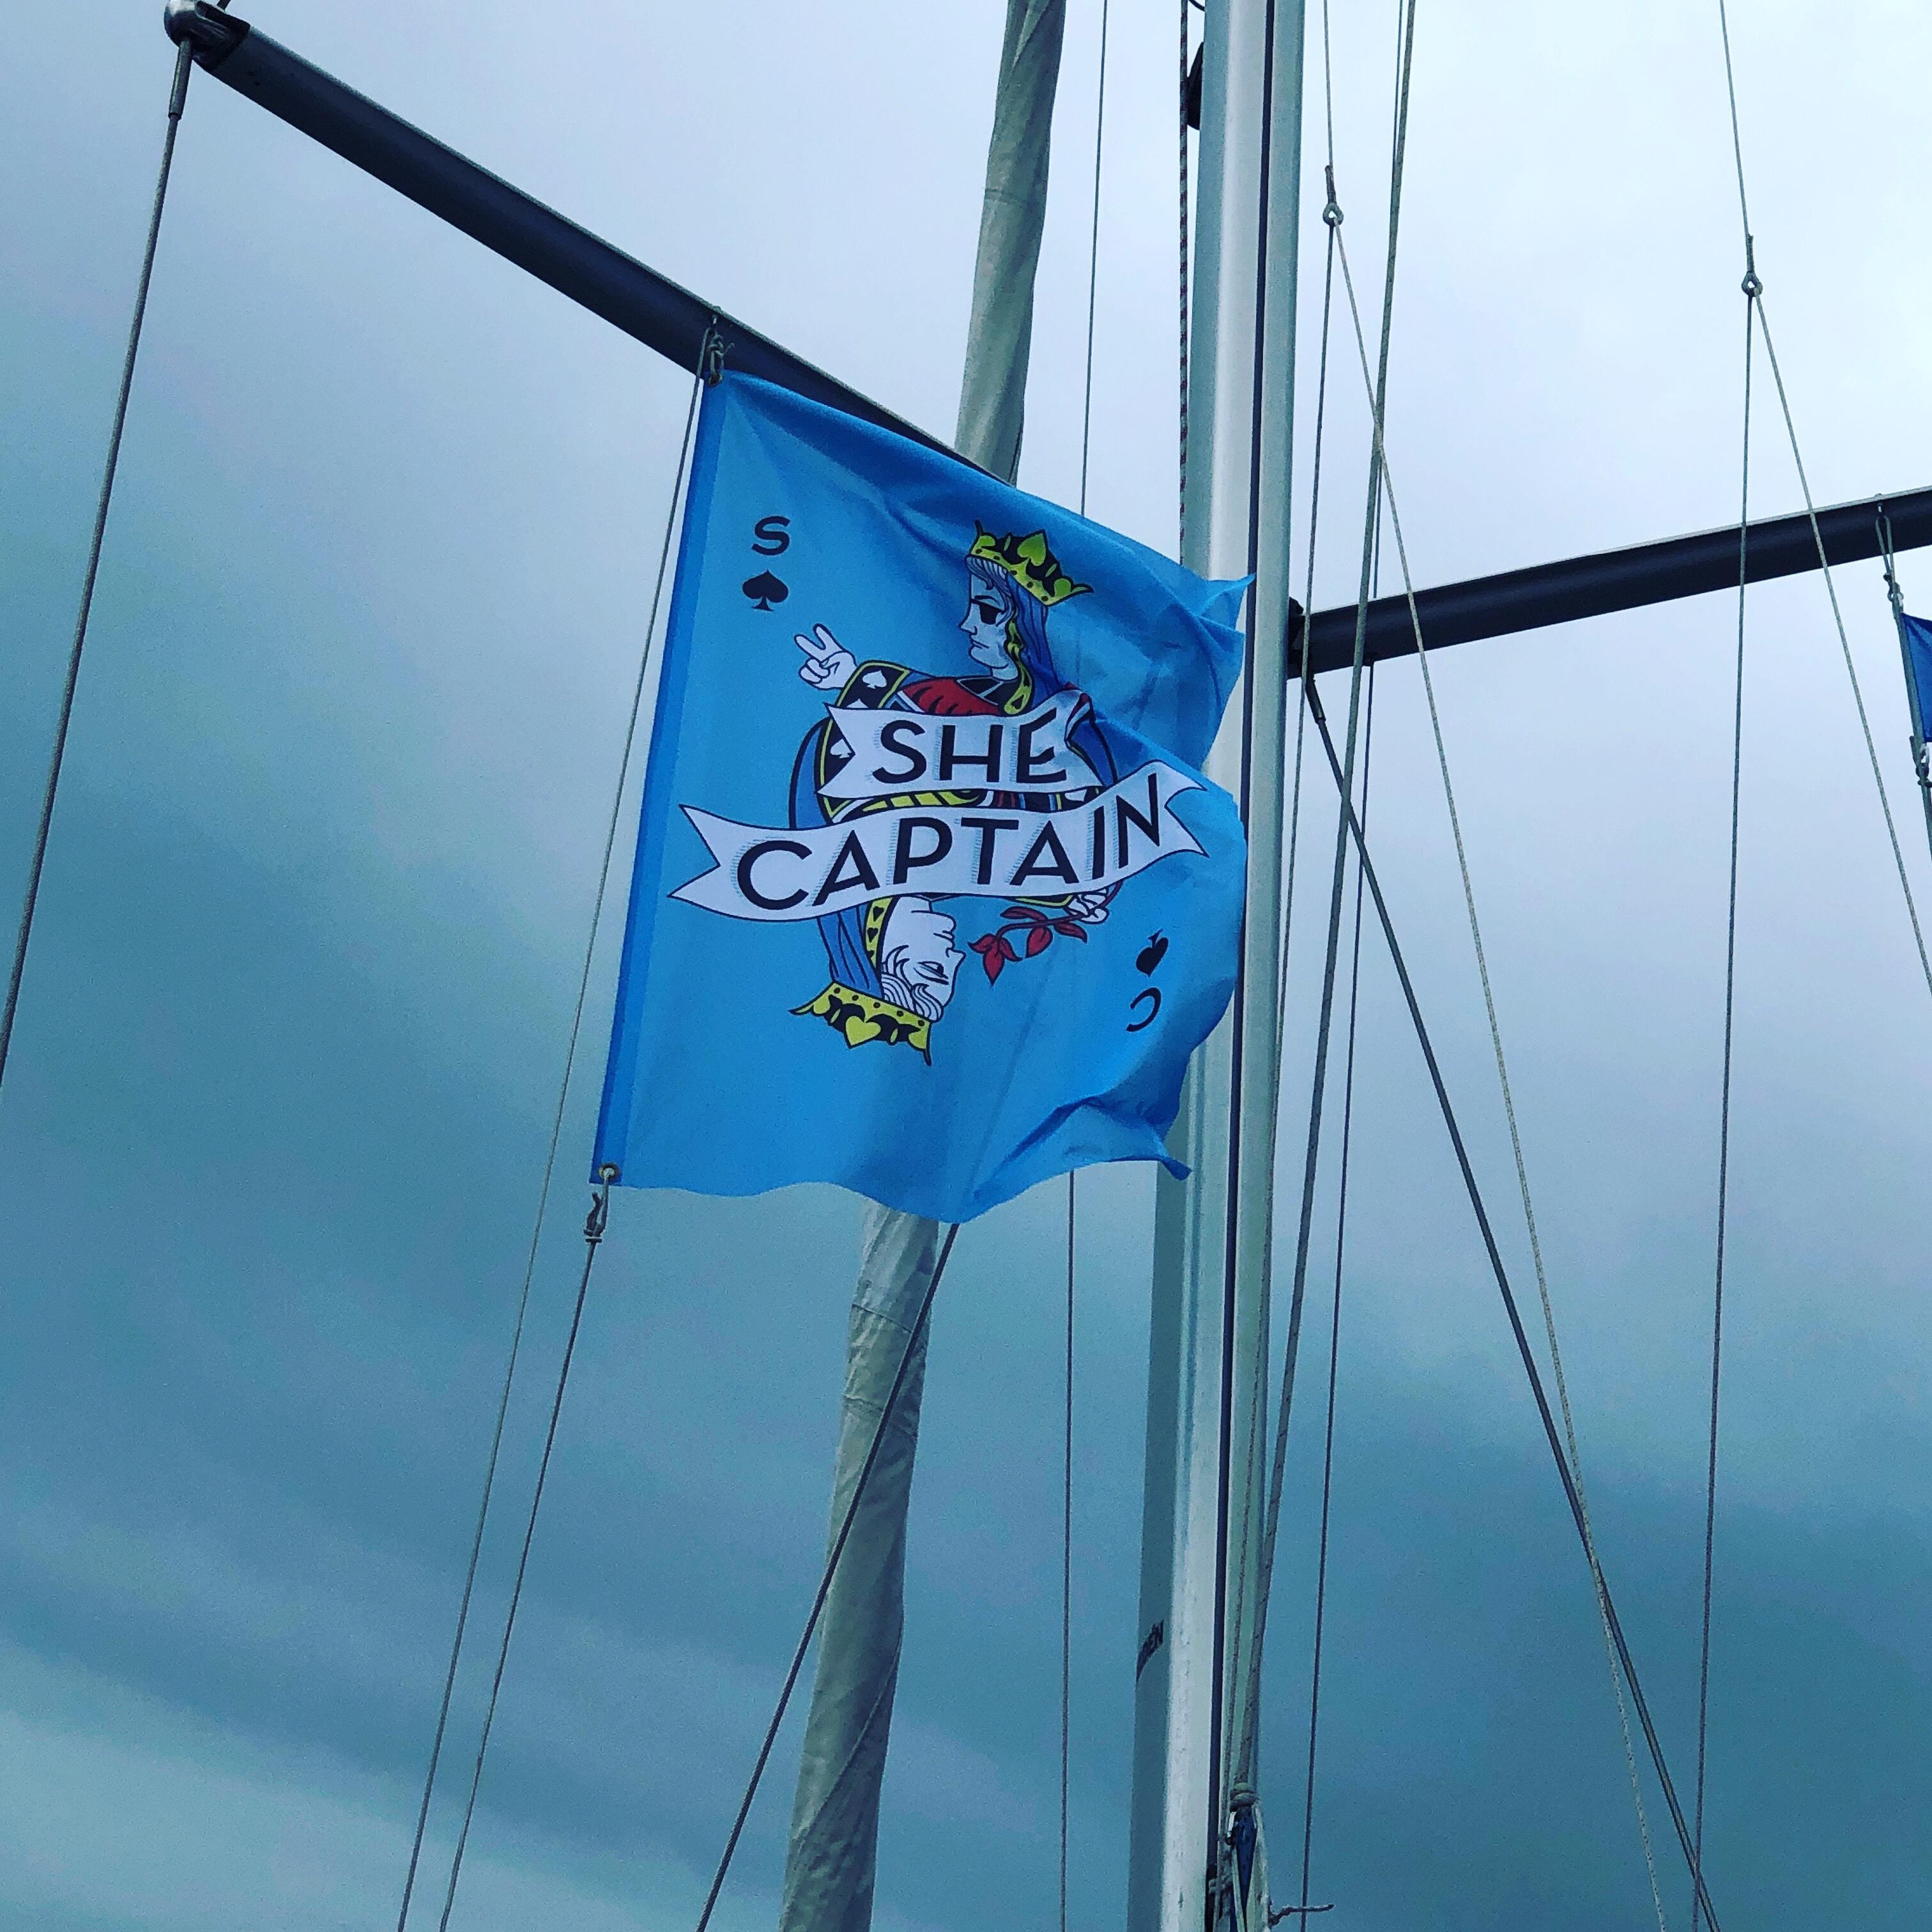 She captain flagga i riggen på Skyfall